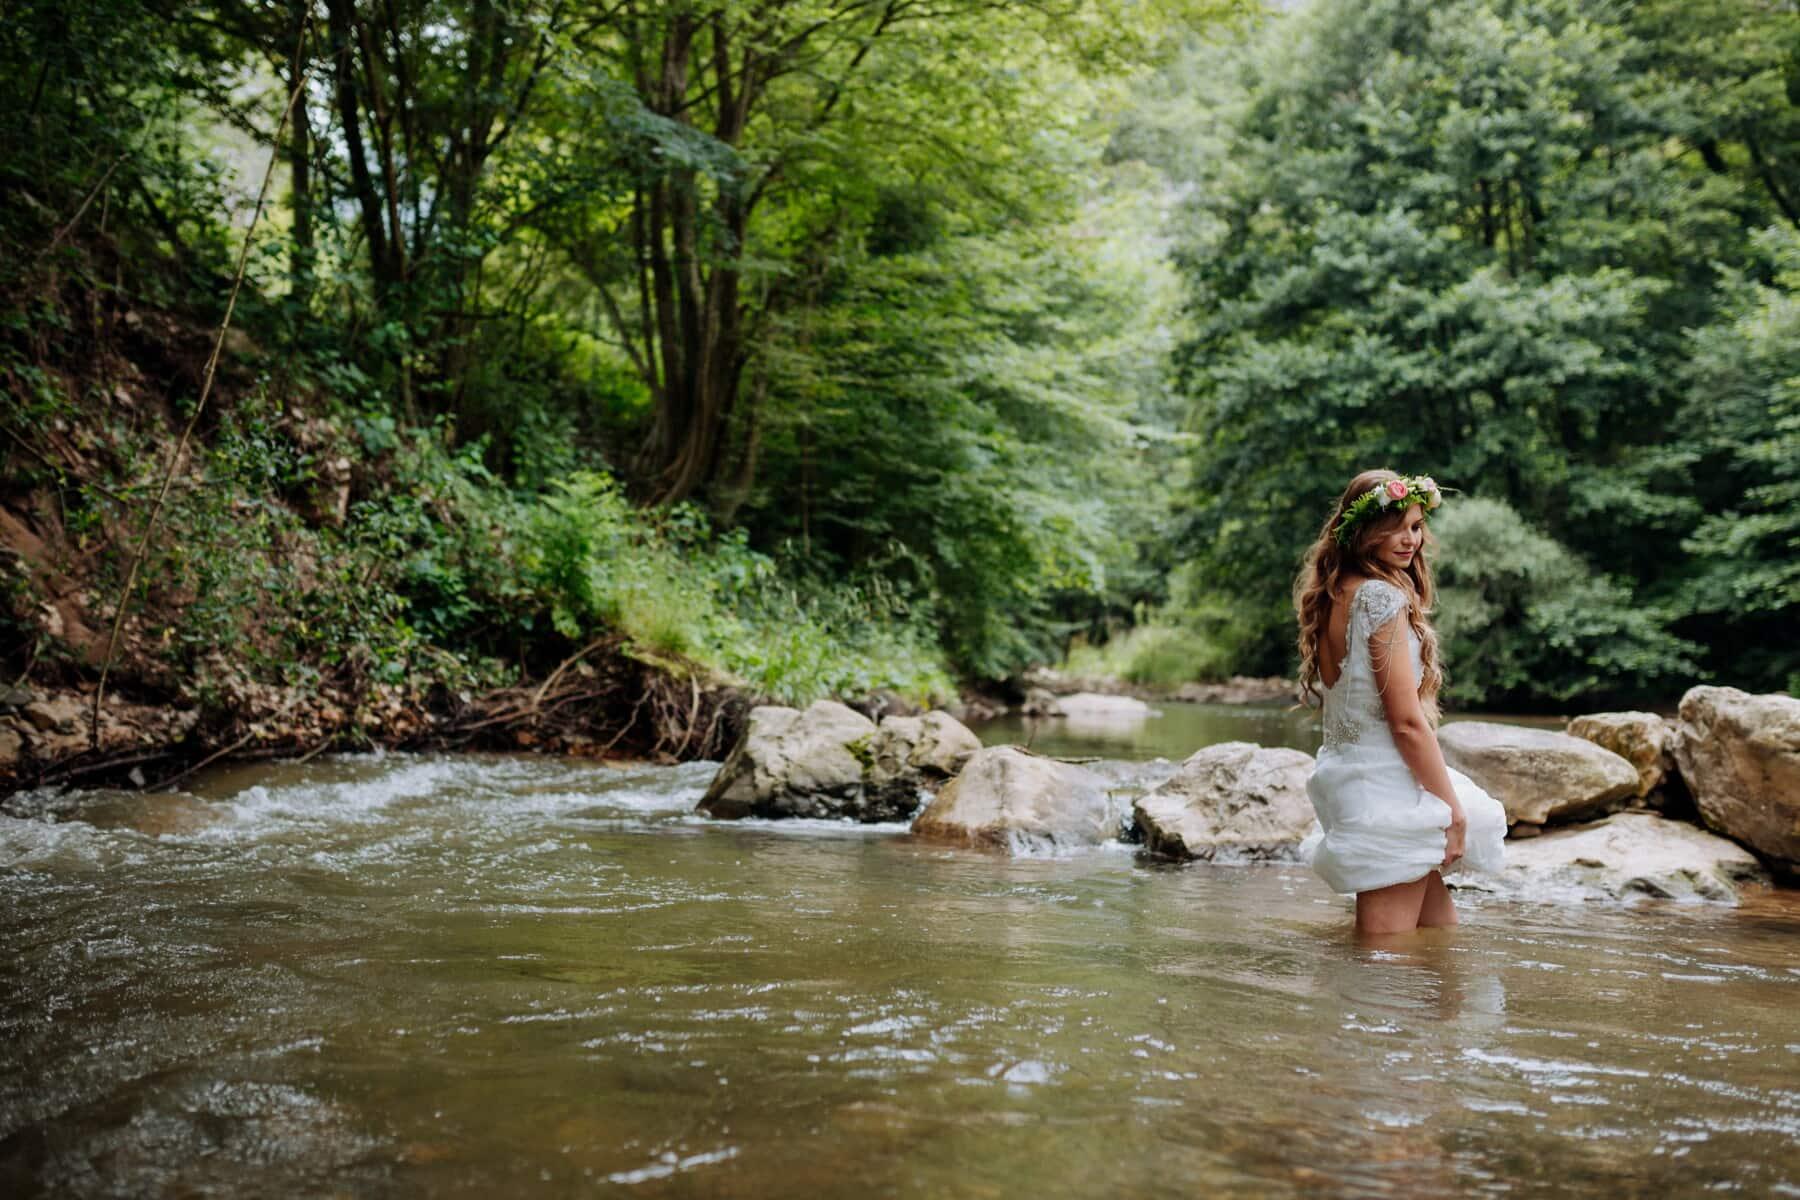 όμορφο κορίτσι, νεαρή γυναίκα, κρύο νερό, Ποταμός, διάβαση πεζών, θεά, νερό, δάσος, ξύλο, φύση